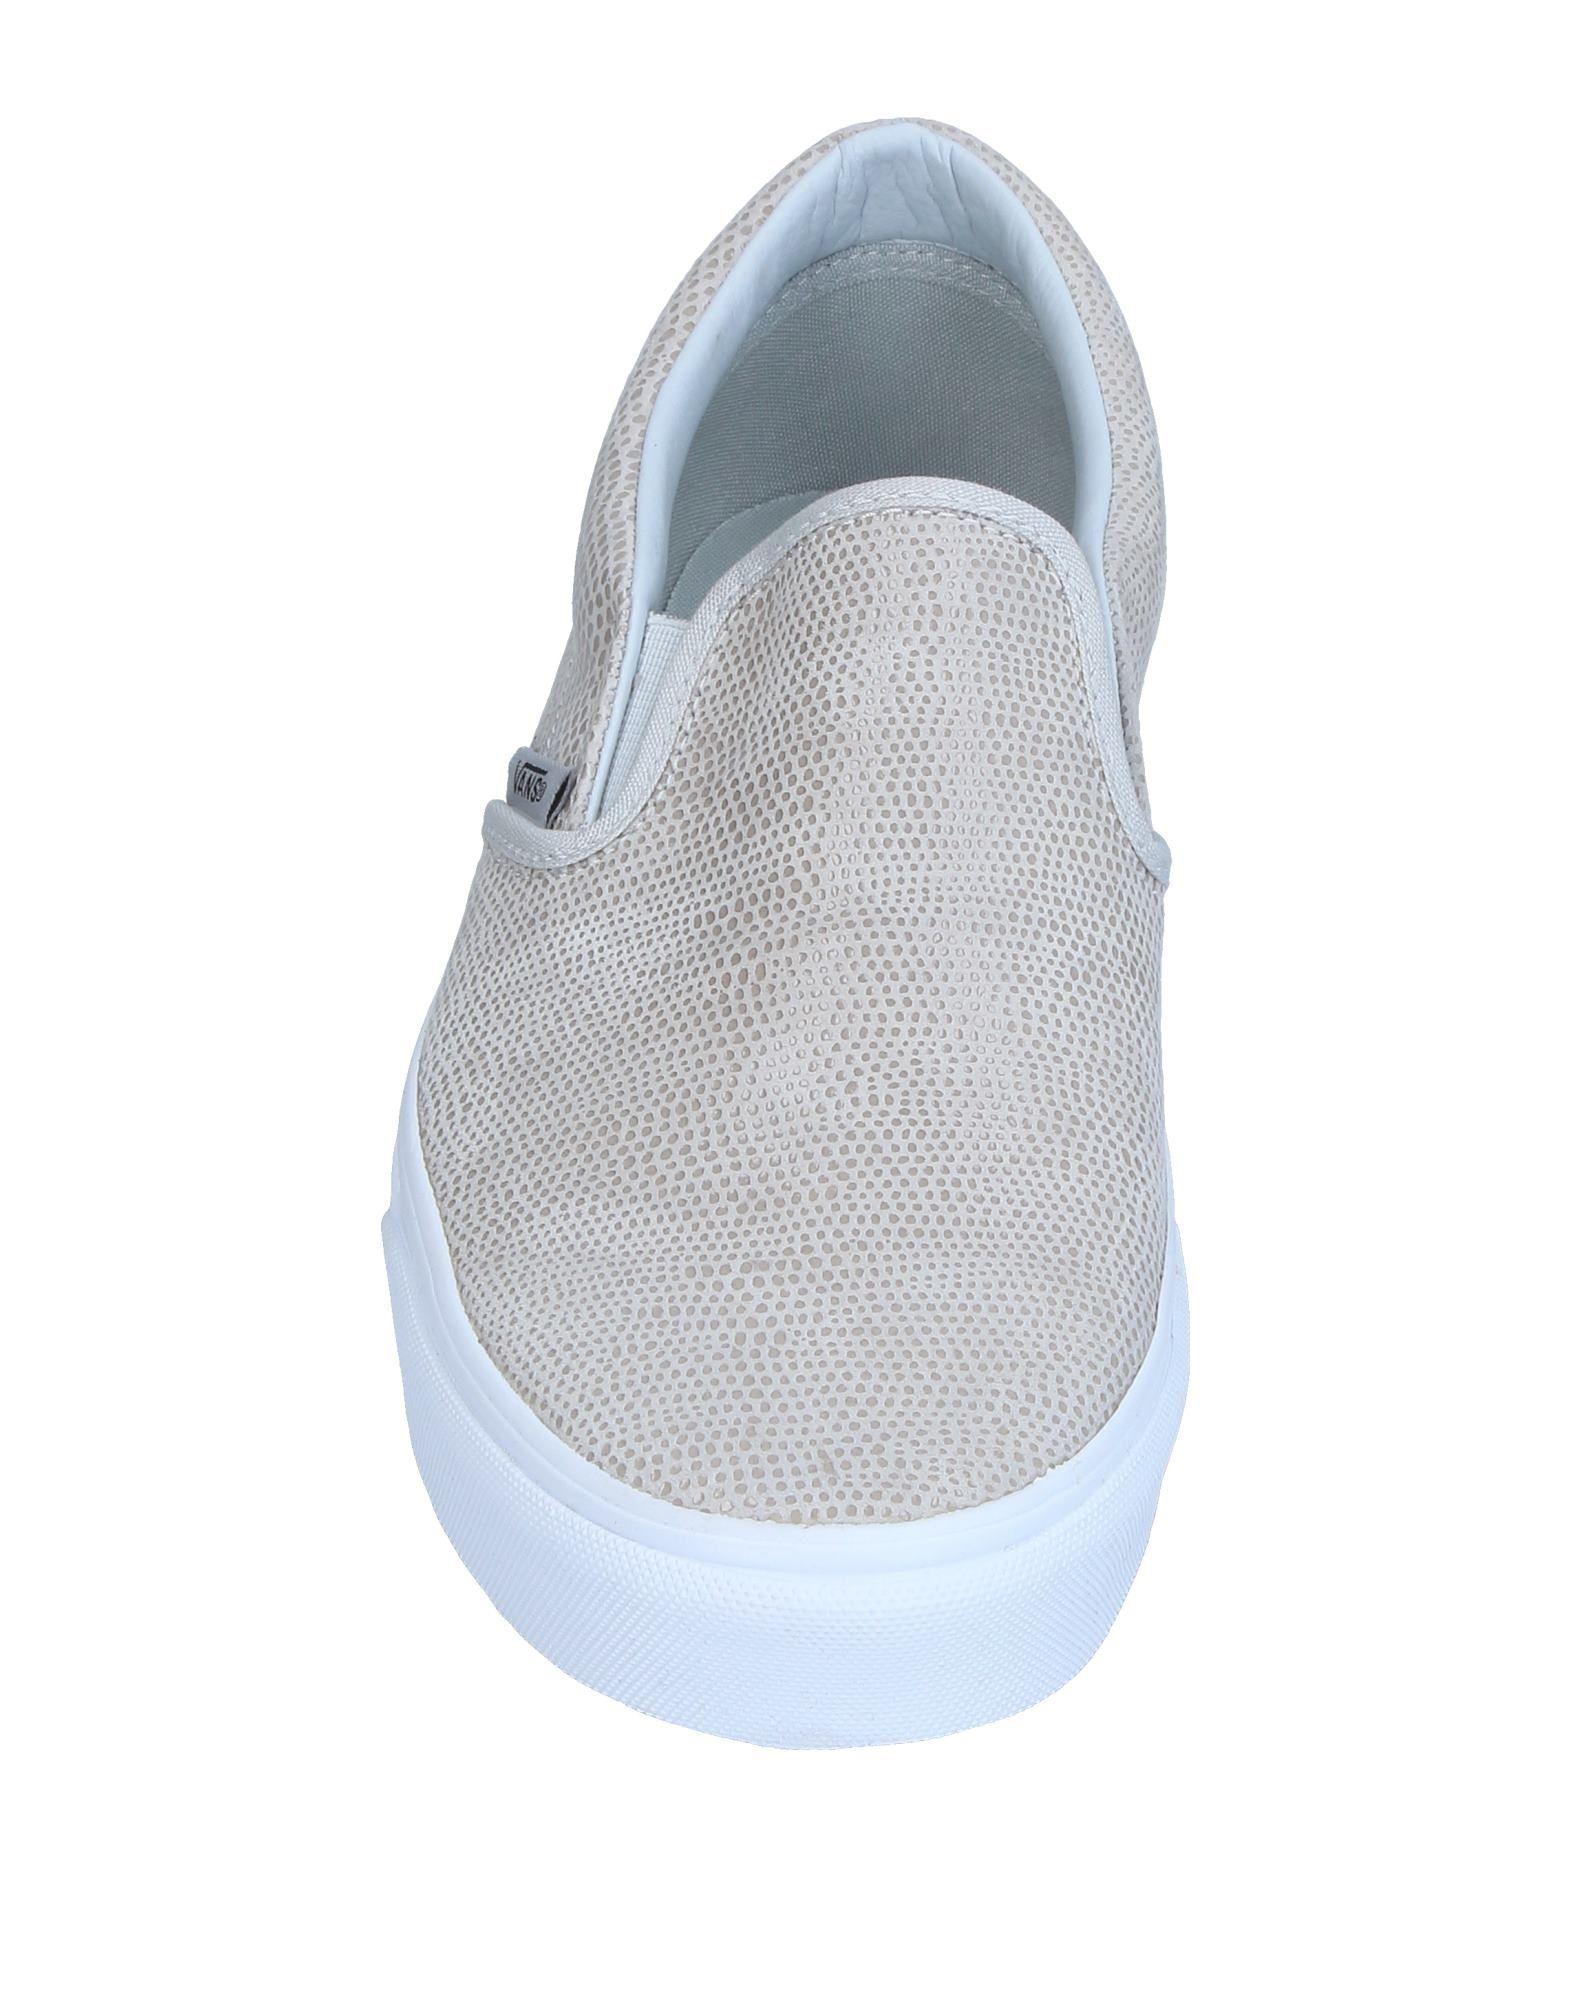 Vans Sneakers Damen Damen Sneakers Gutes Preis-Leistungs-Verhältnis, es lohnt sich c96a21